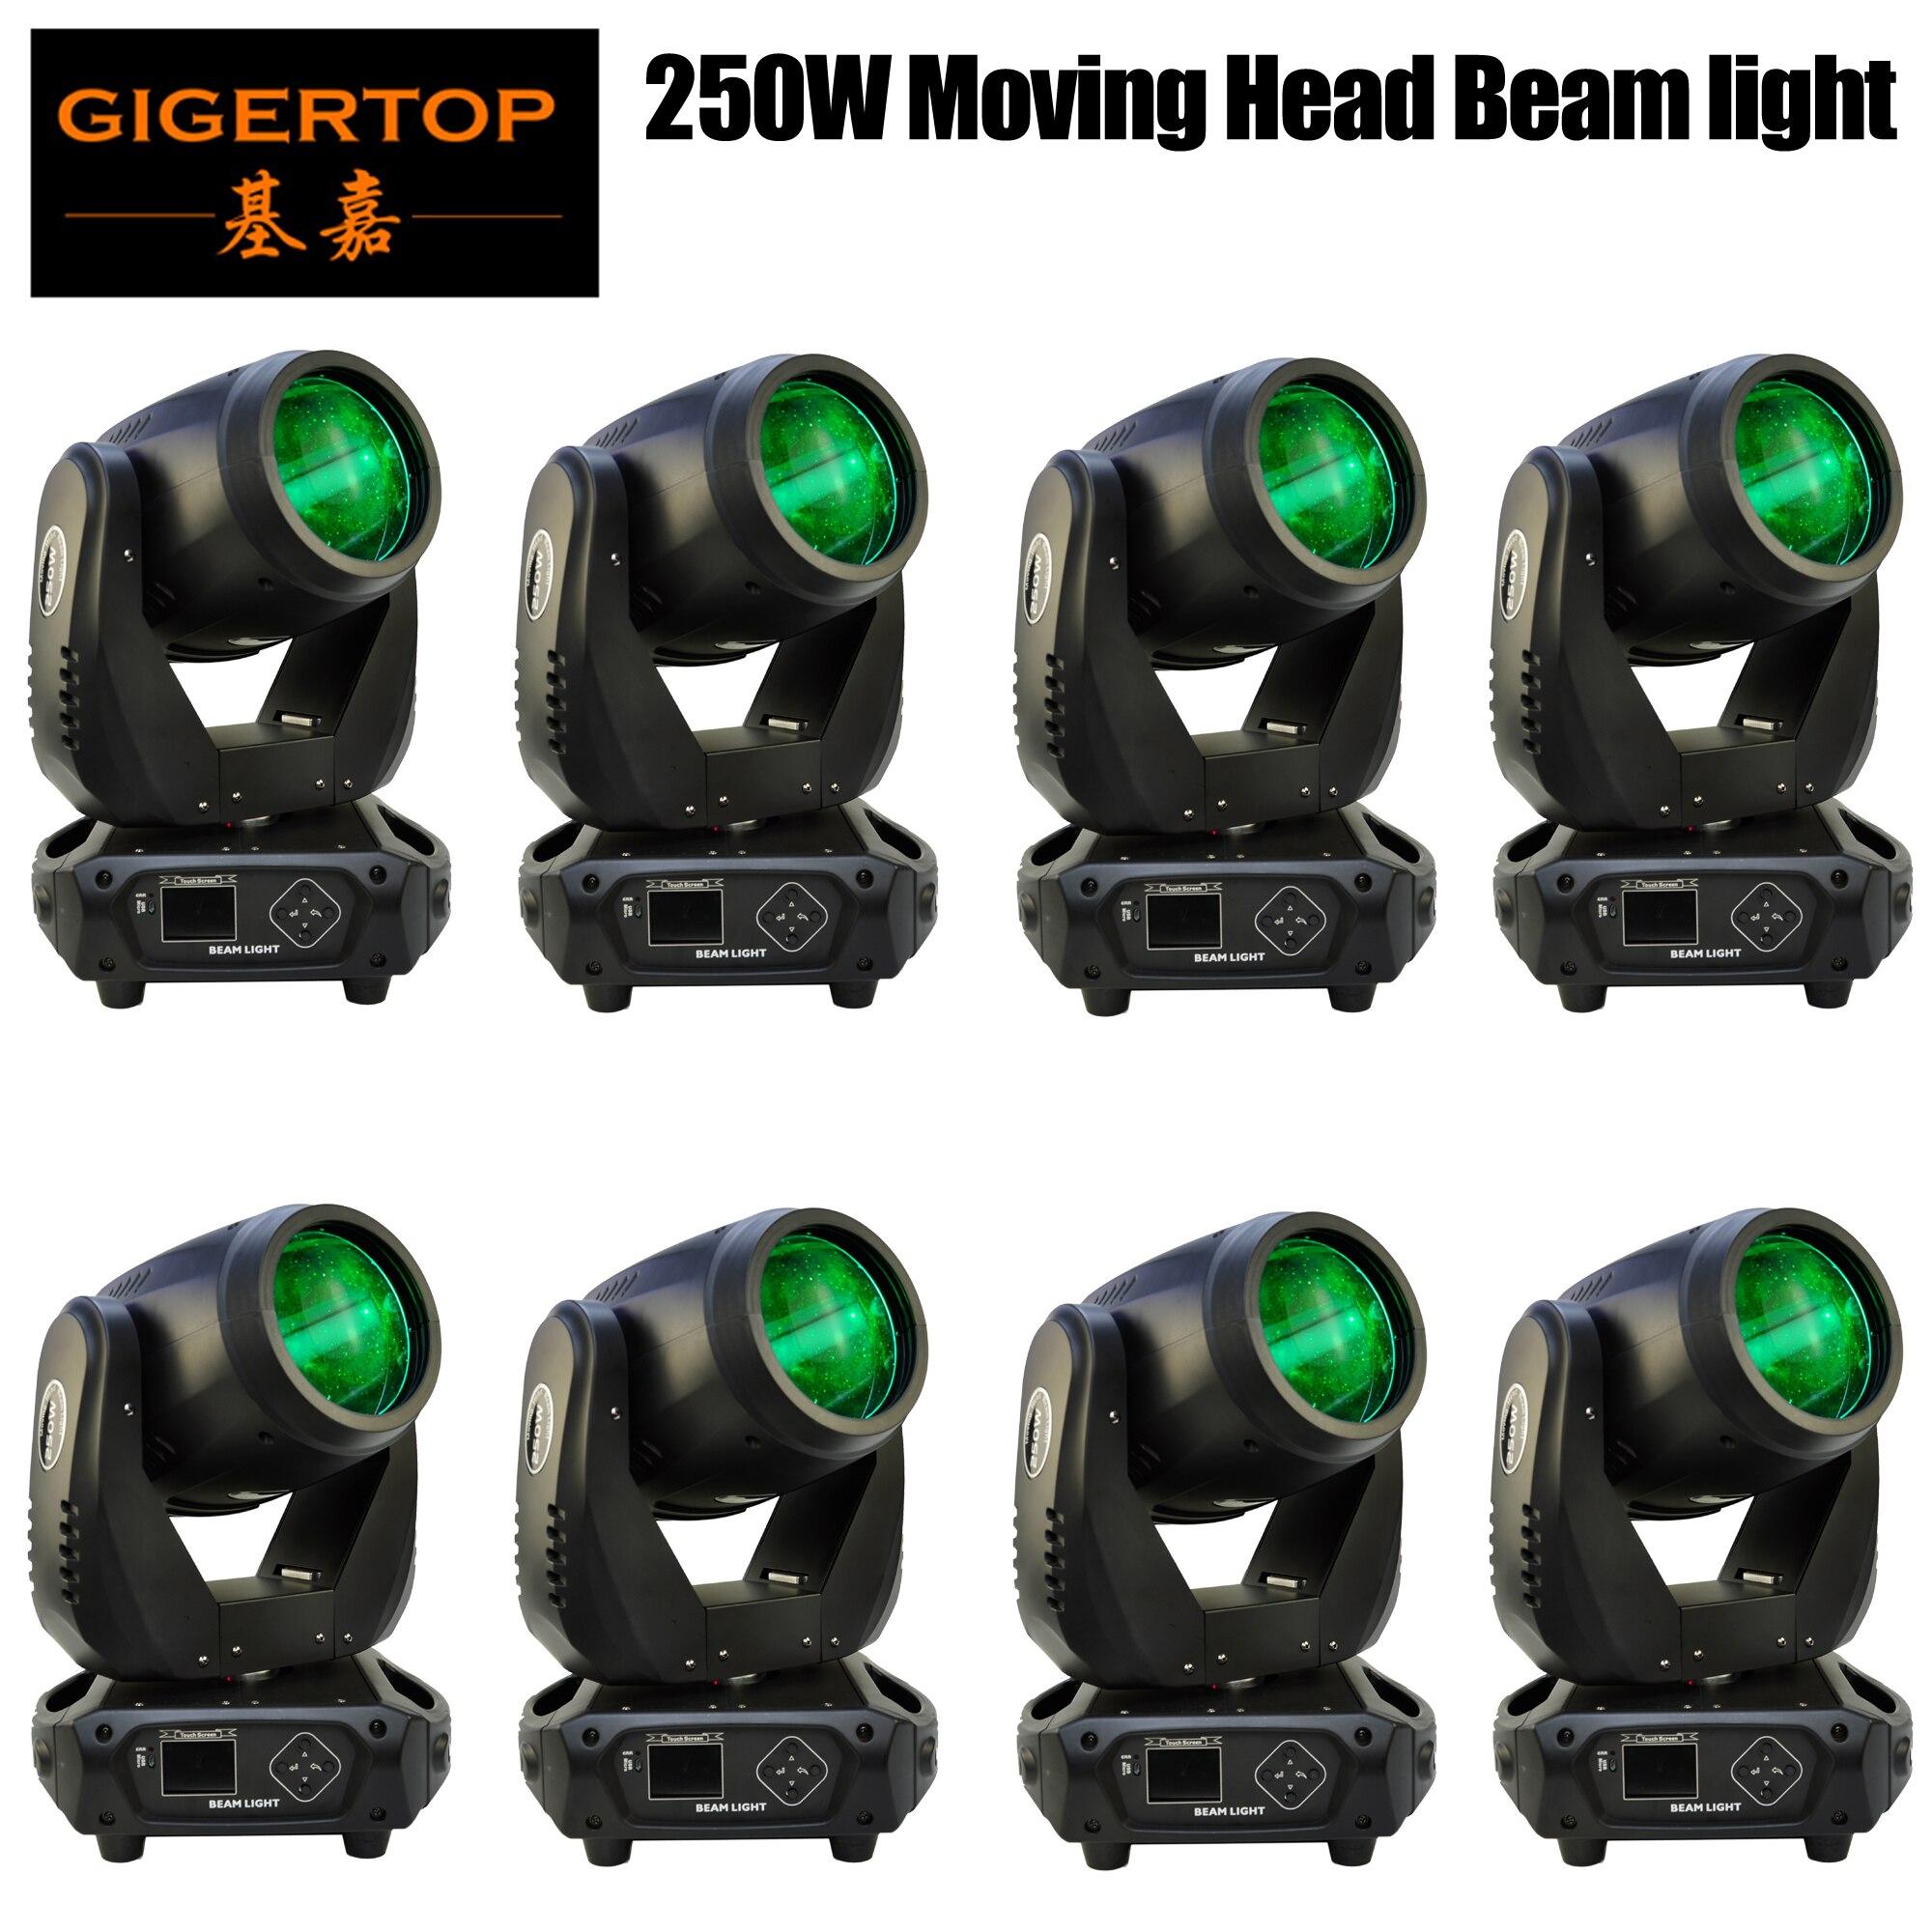 Fabricante 8 paquetes 250W haz de foco móvil Luz de foco para escenario gran Lyre Gobo prisma efecto giratorio para DJ discoteca Club teatro